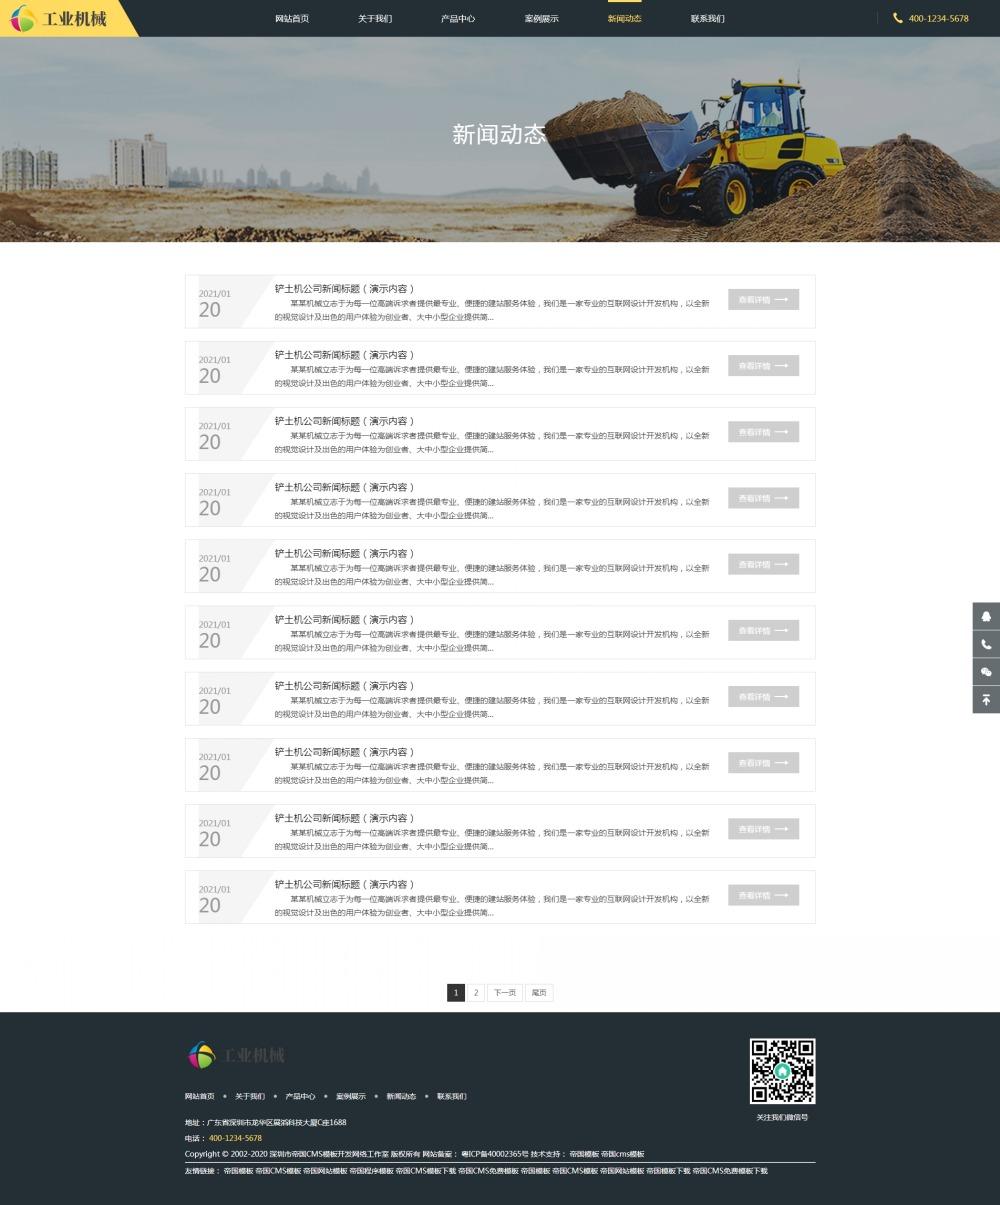 5新闻动态.jpg [DG-0177]帝国cms响应式推土机挖掘机机械类网站模板,HTML自适应大型工矿机械设备帝国网站源码 企业模板 第5张